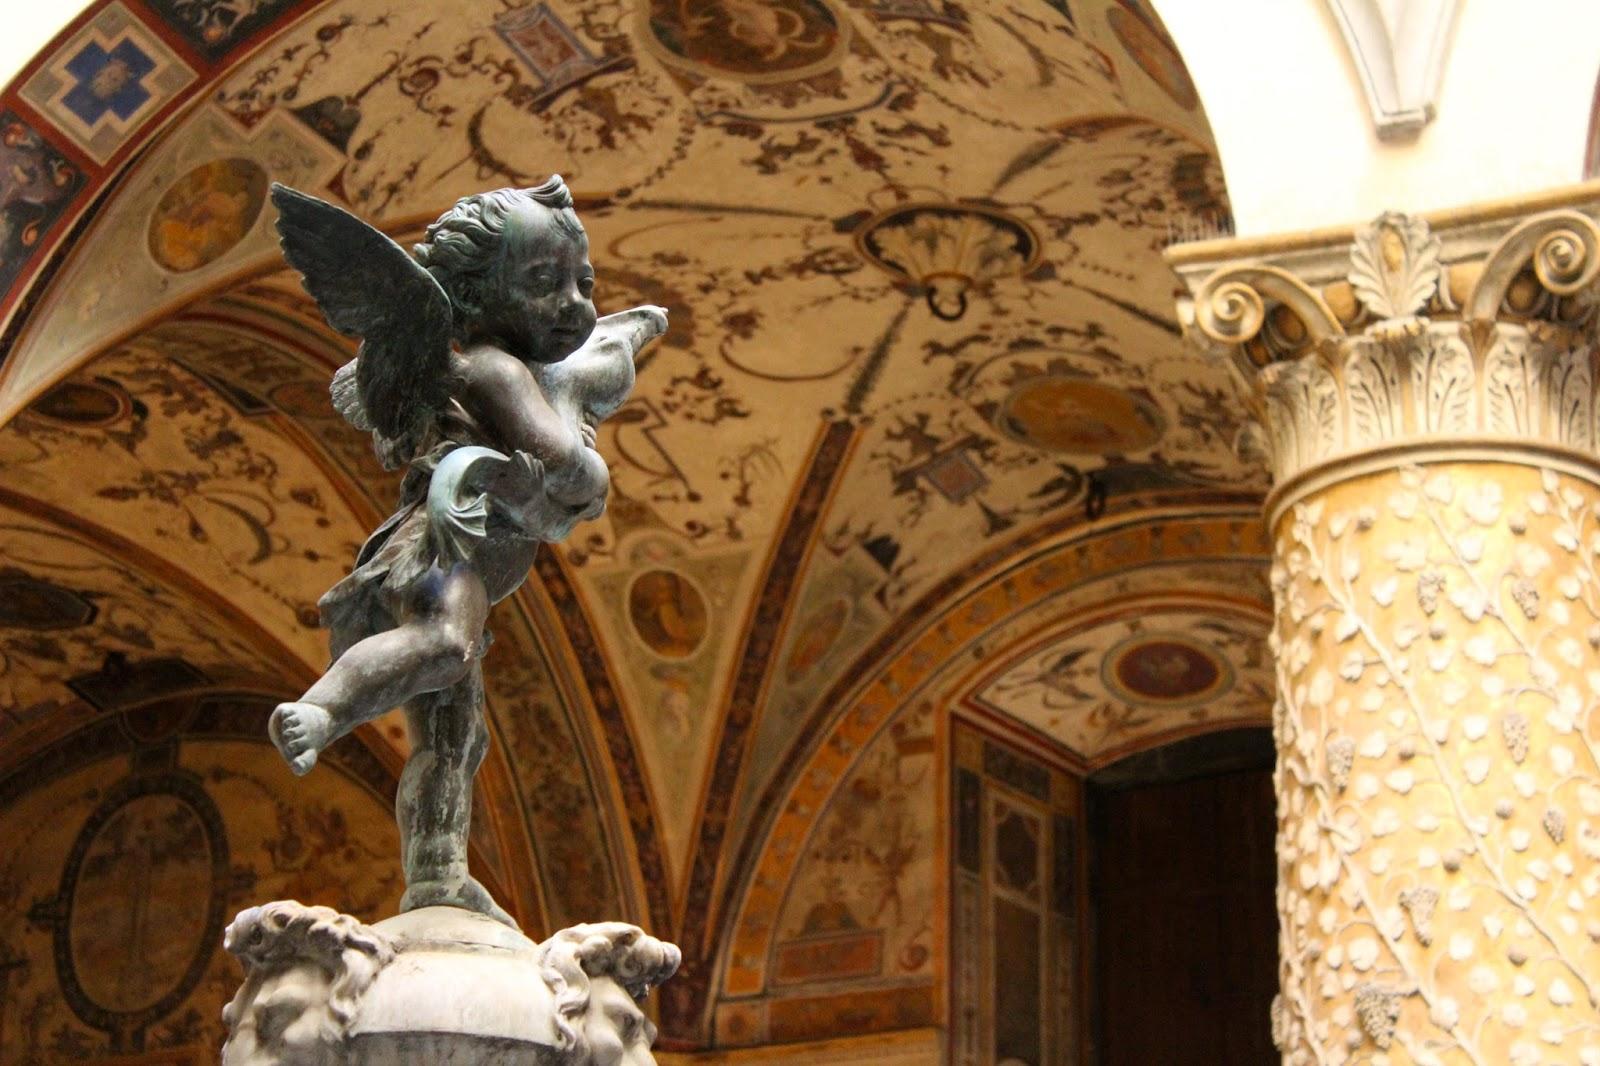 Eniwhere Fashion - Stan Smith - Firenze Palazzo Vecchio